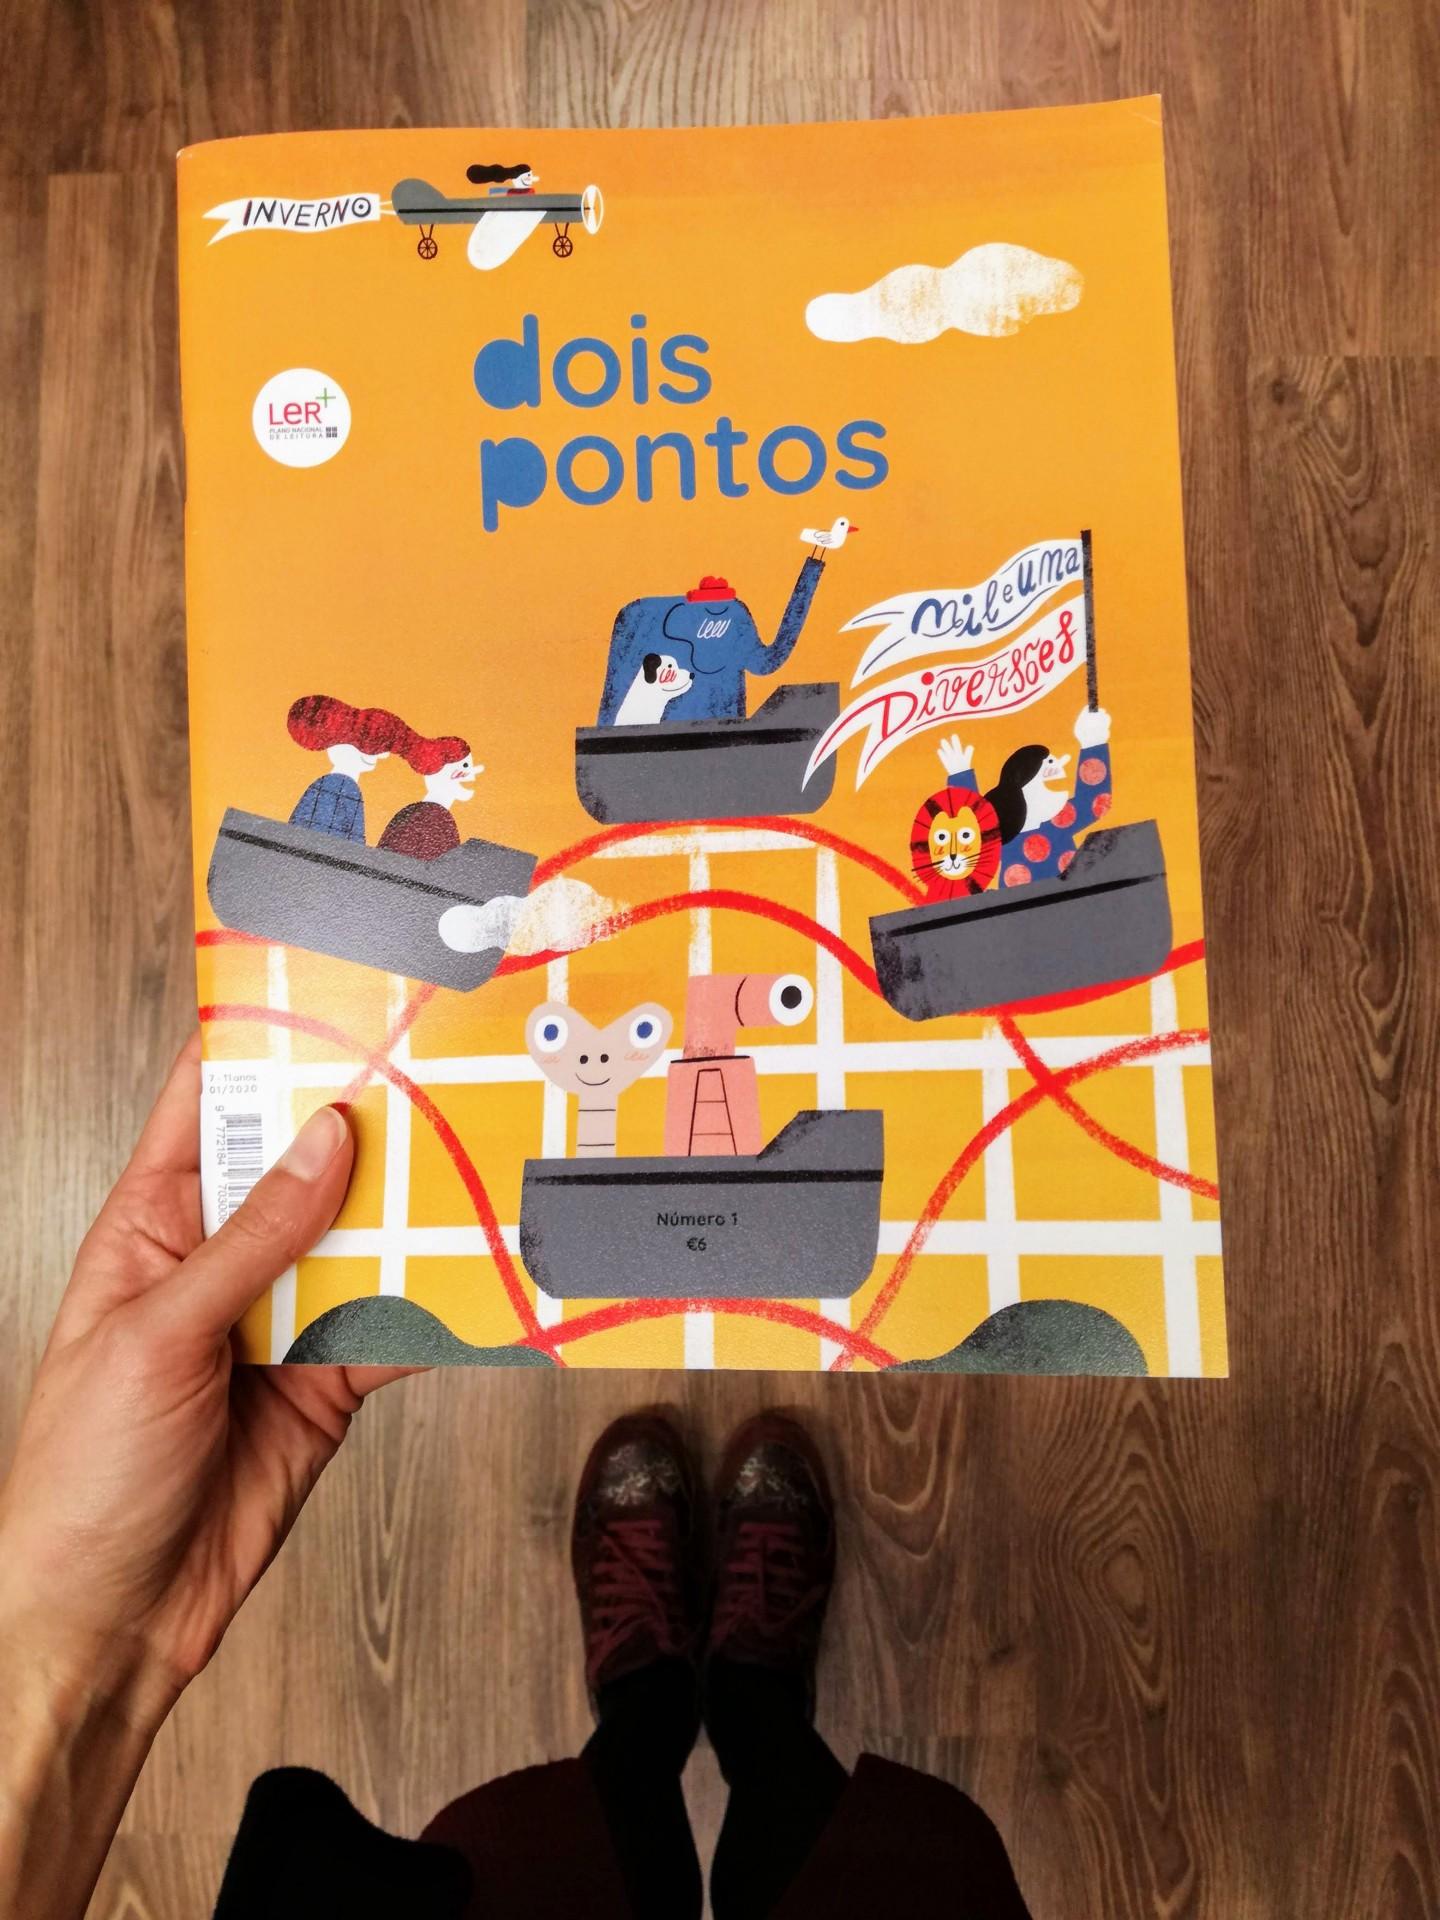 Revista Dois Pontos